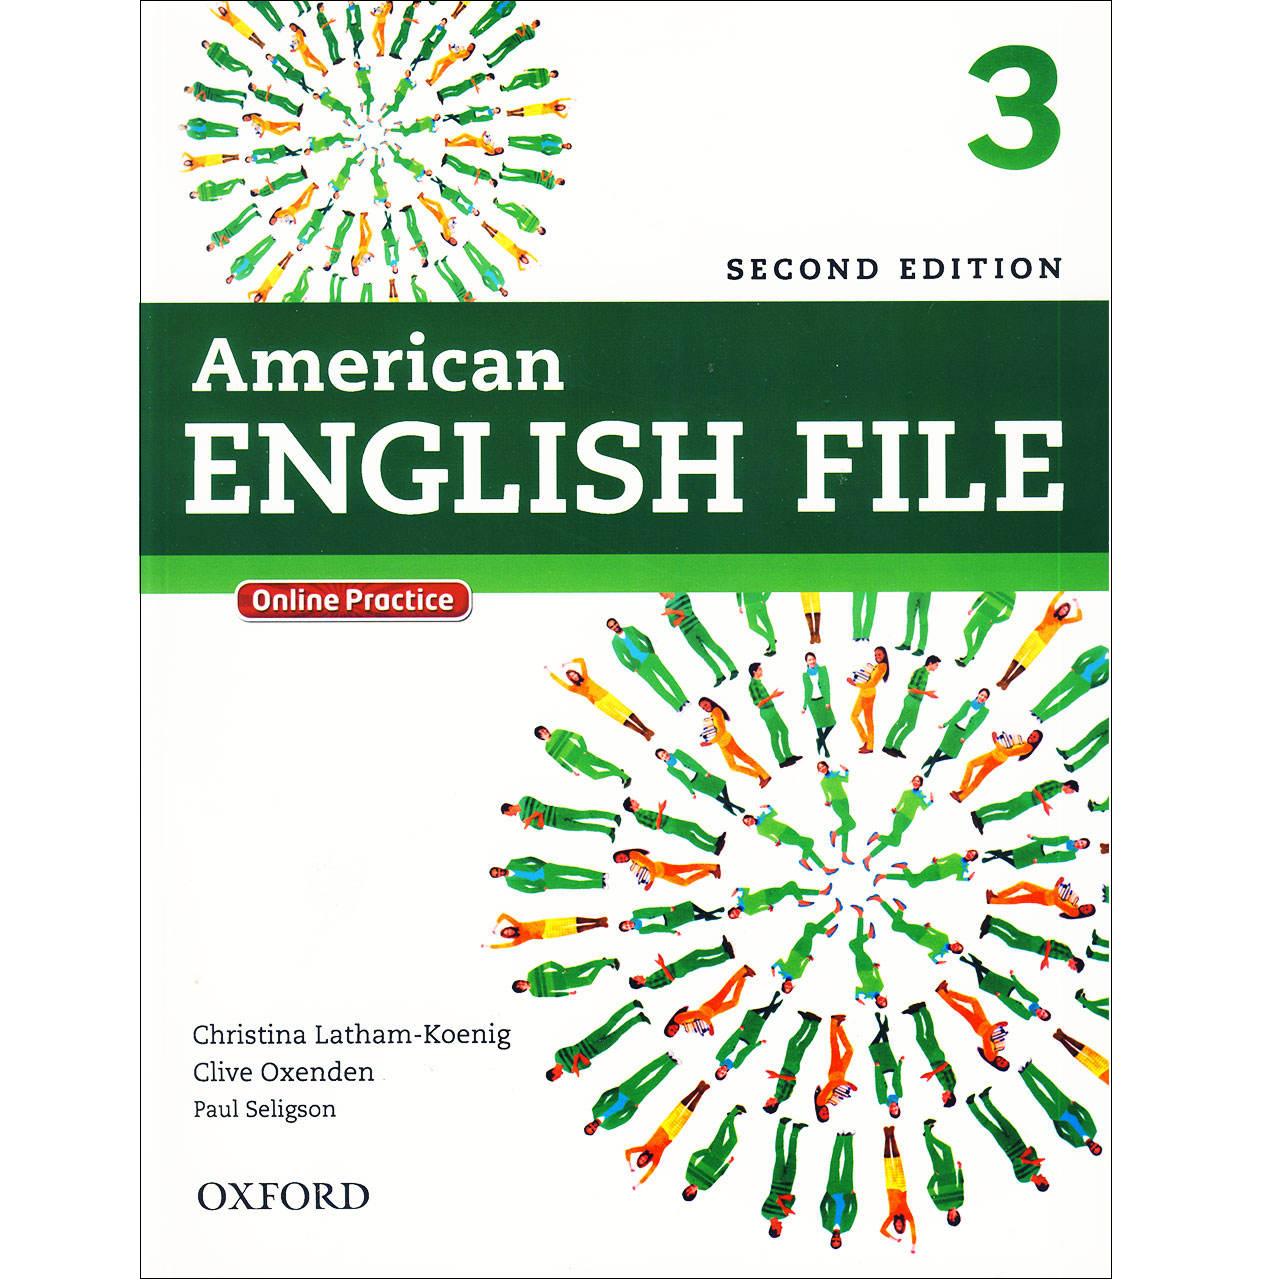 خرید                      کتاب American English File 3 اثر جمعی از نویسندگان انتشارات Oxford